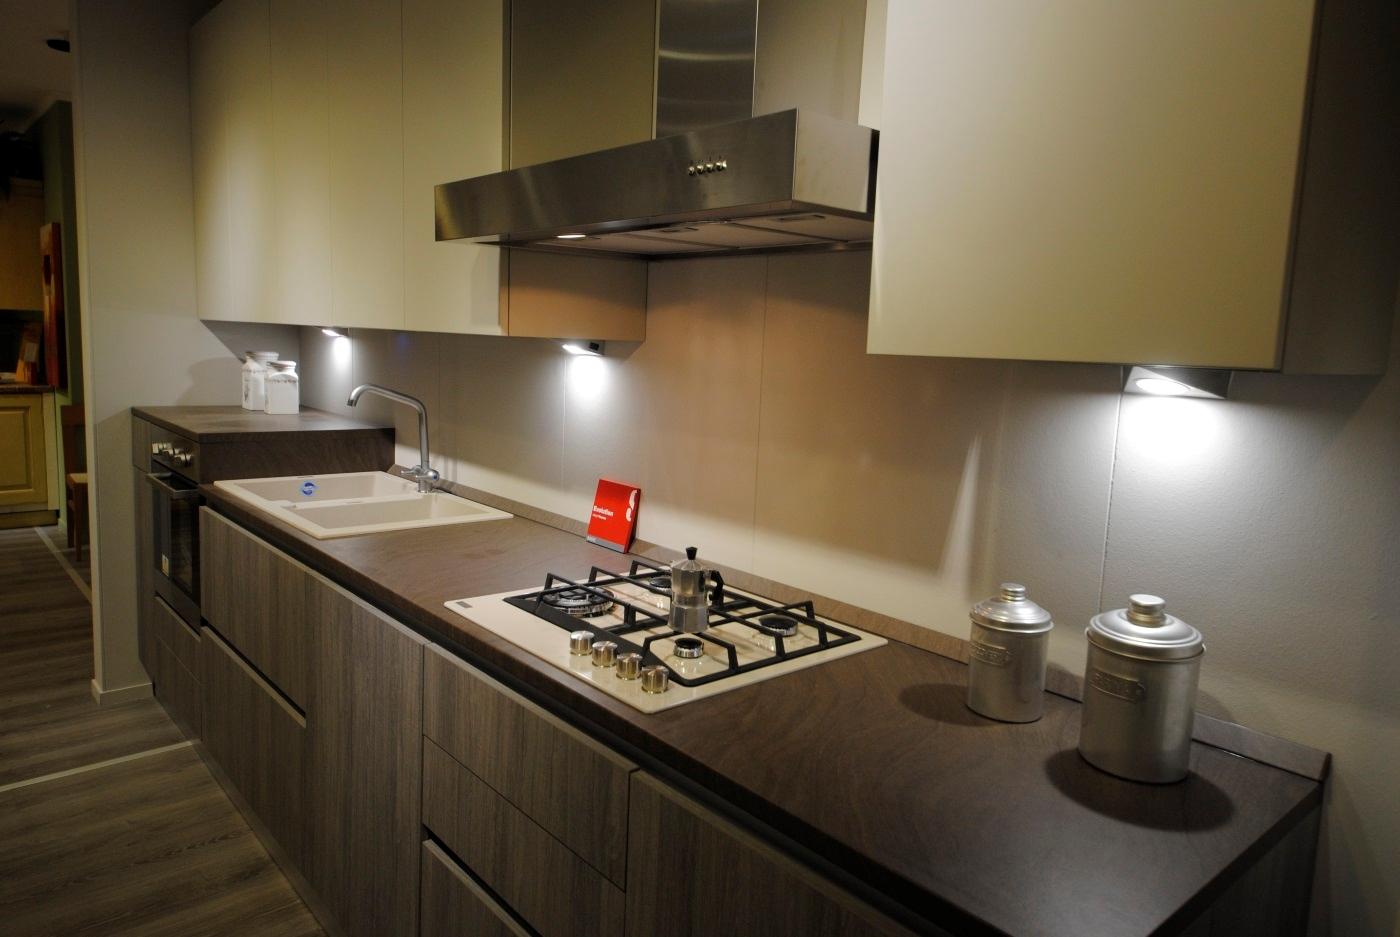 Cucina scavolini evolution prezzo awesome cucine scontate - Cucina scavolini prezzo ...